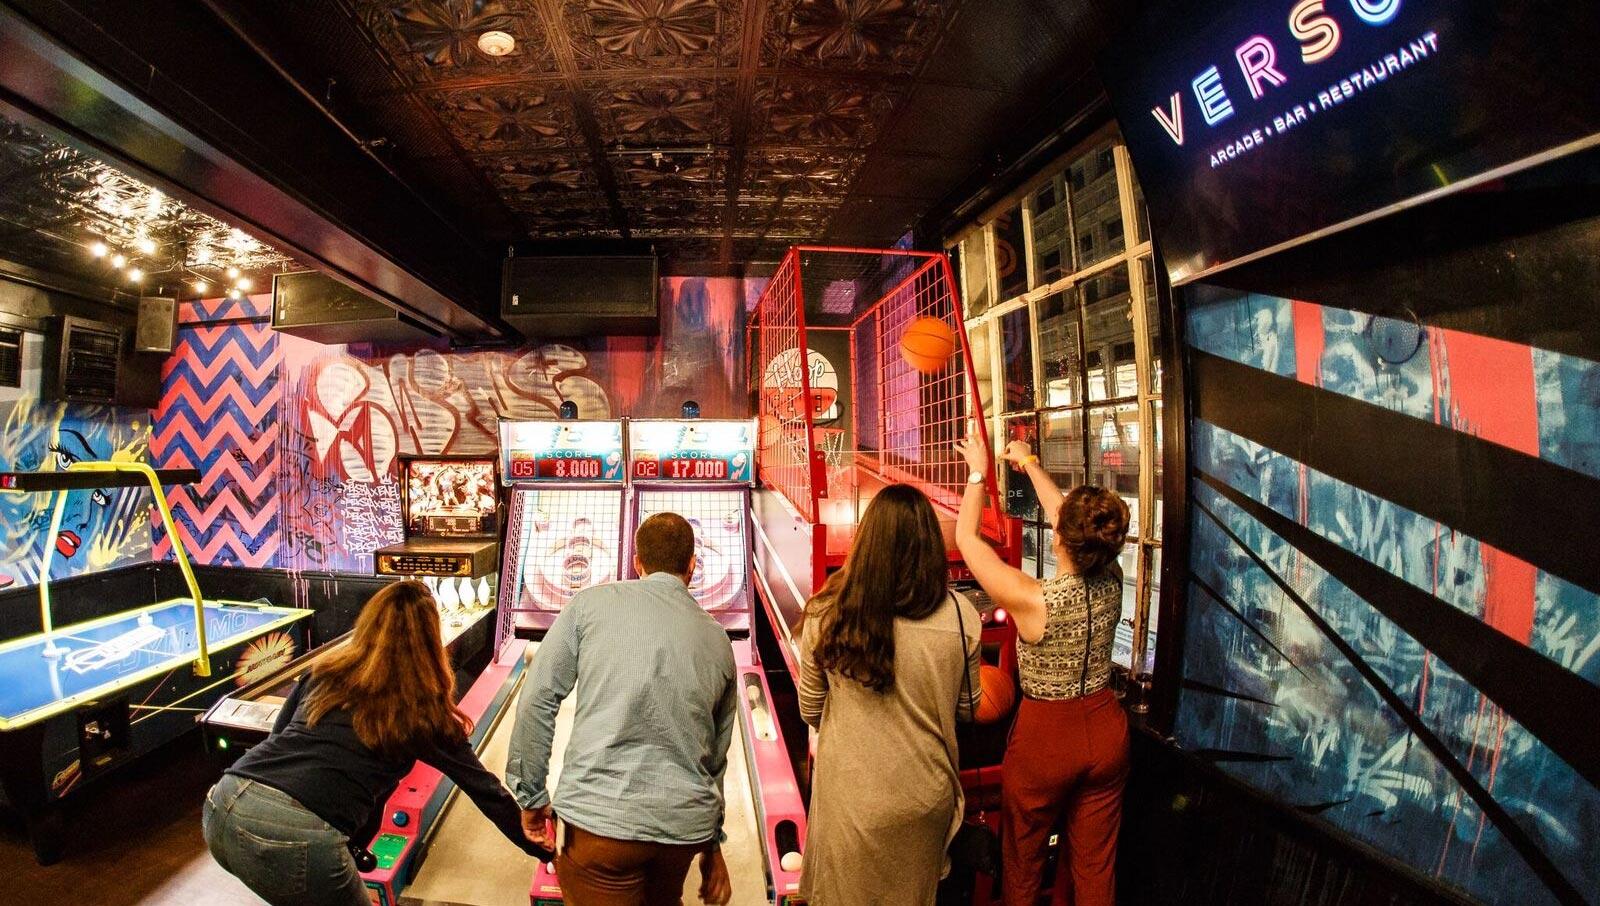 Versus Arcade